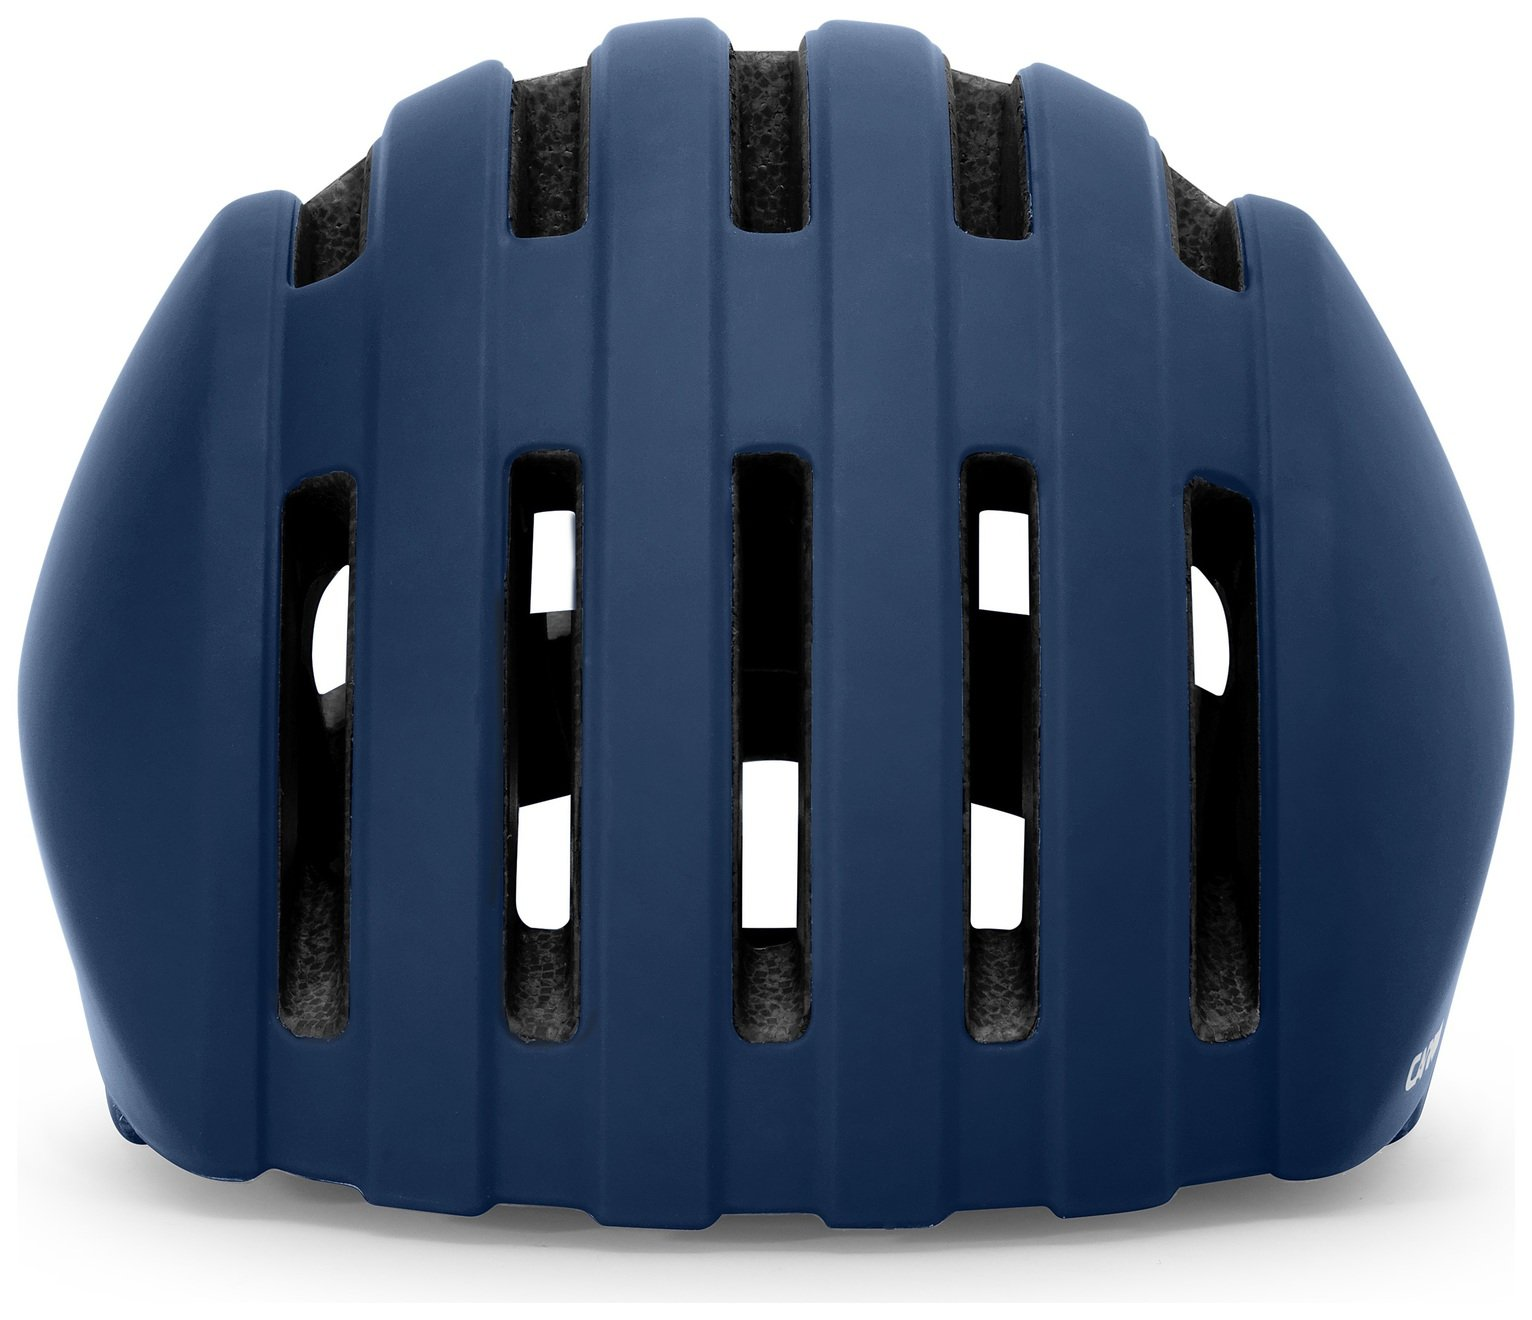 Image of Carrera Precinct Helmet - Matte Navy